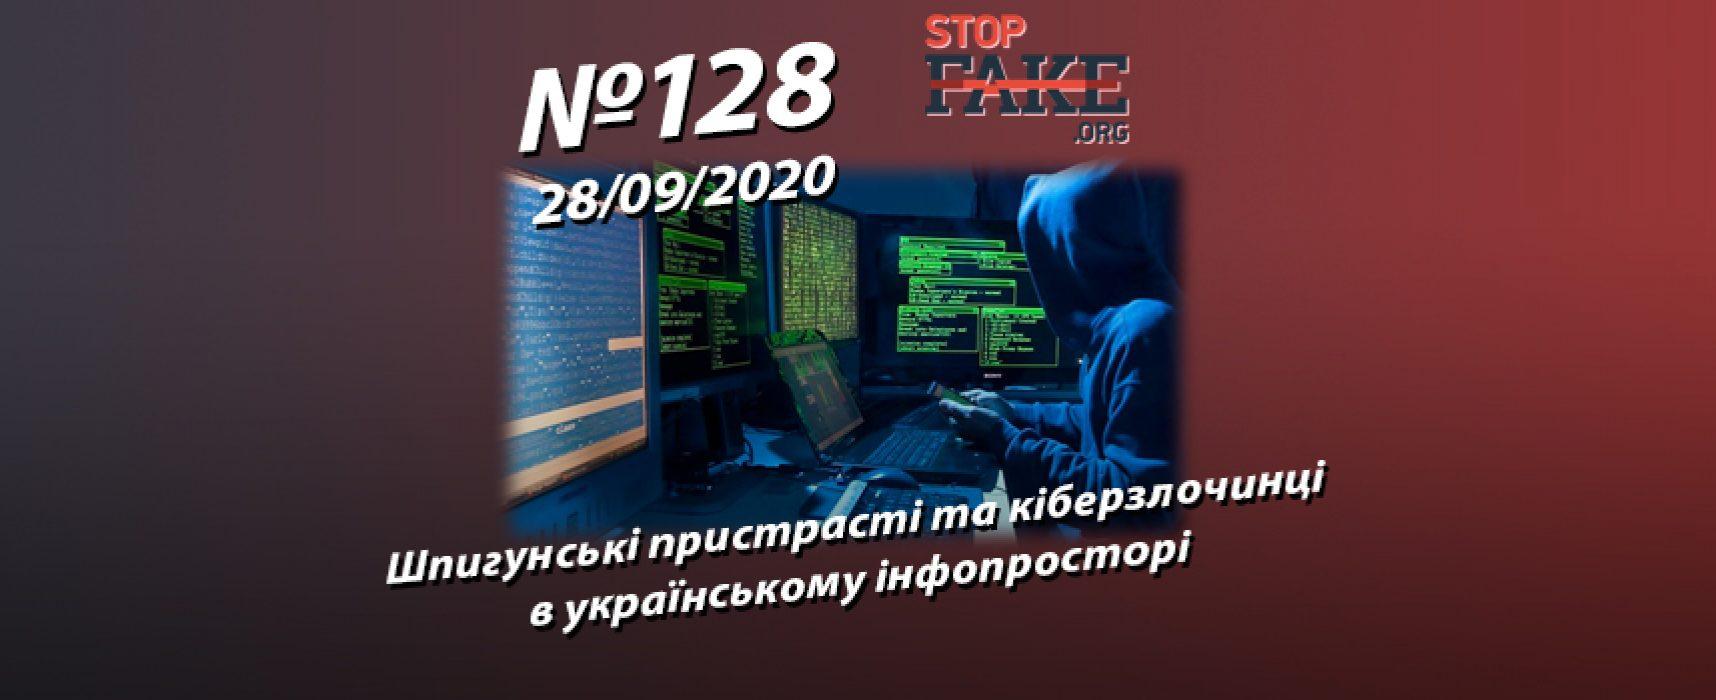 Шпигунські пристрасті та кіберзлочинці в українському інфопросторі – StopFake.org